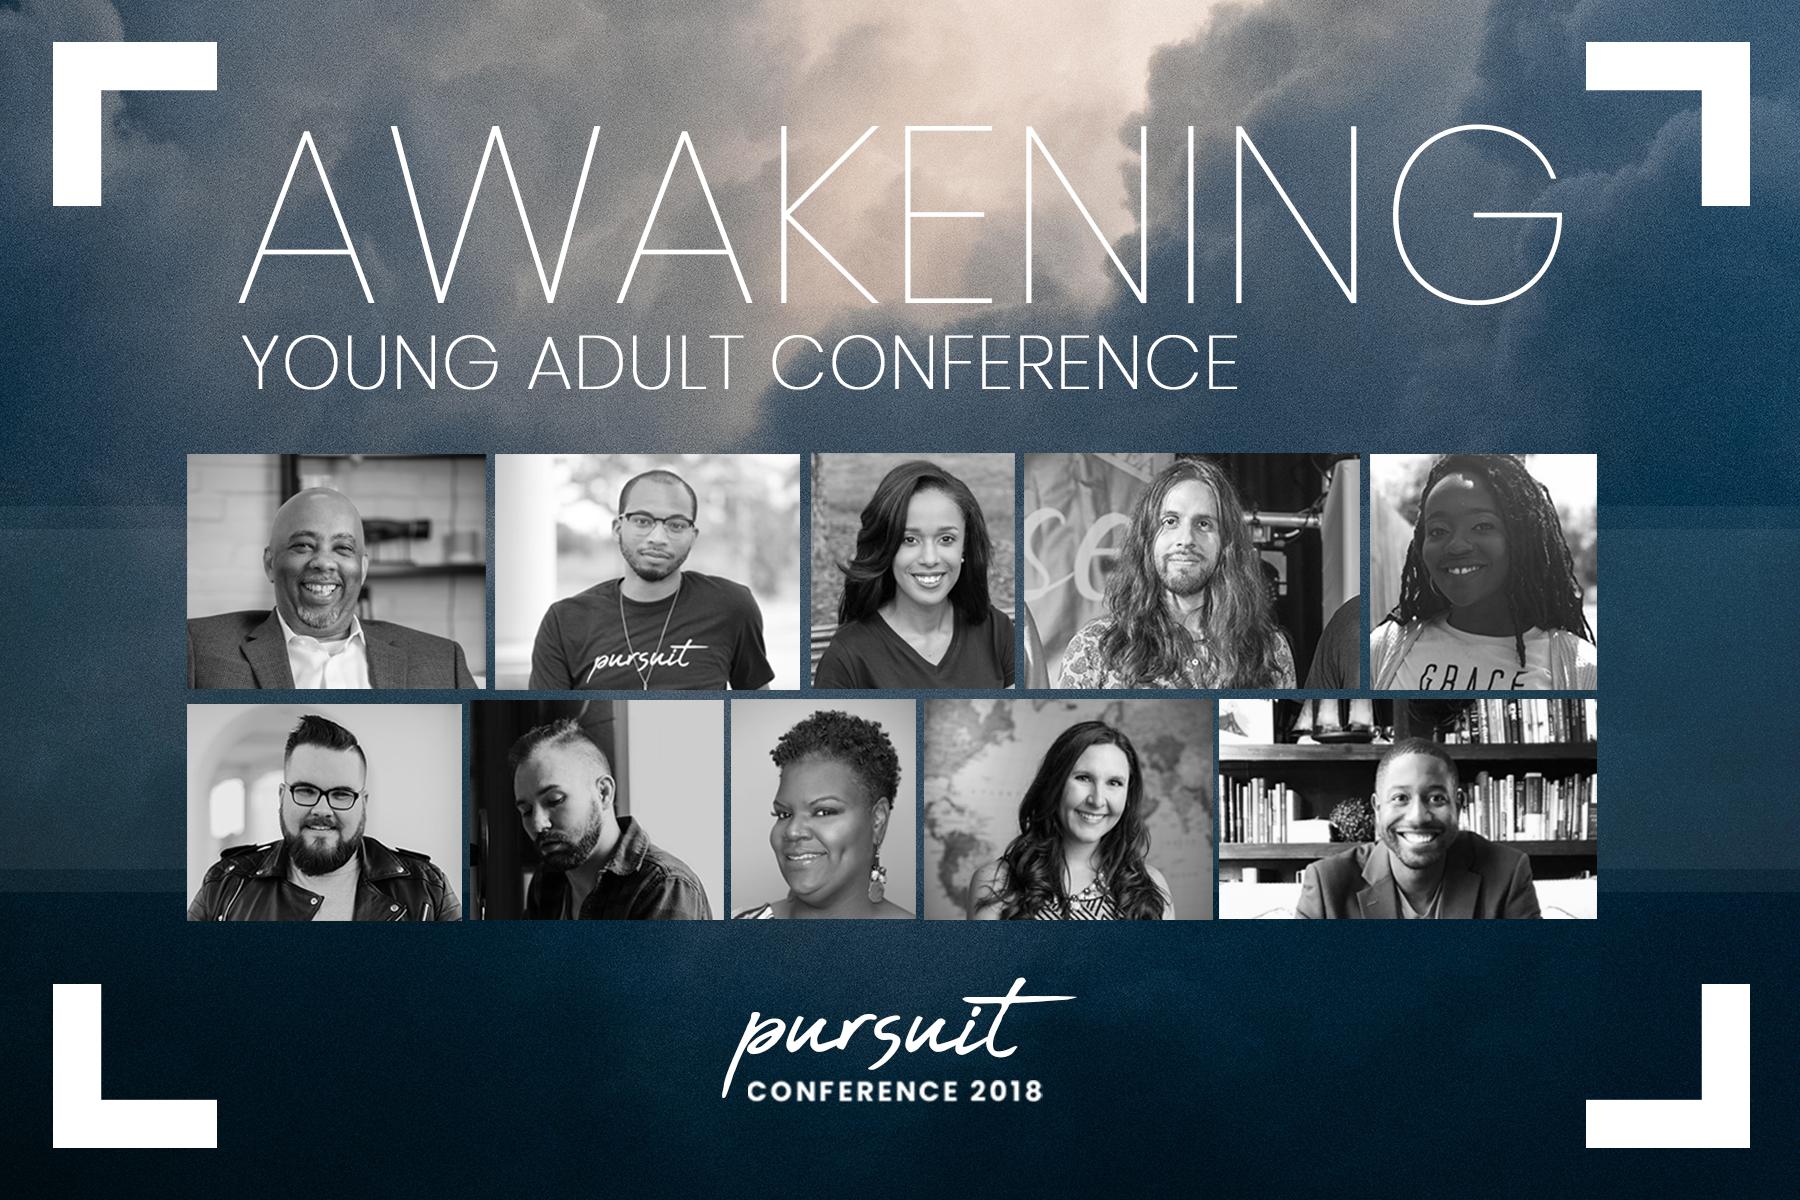 awakening_webcoverimage_withspeakers_b.jpg